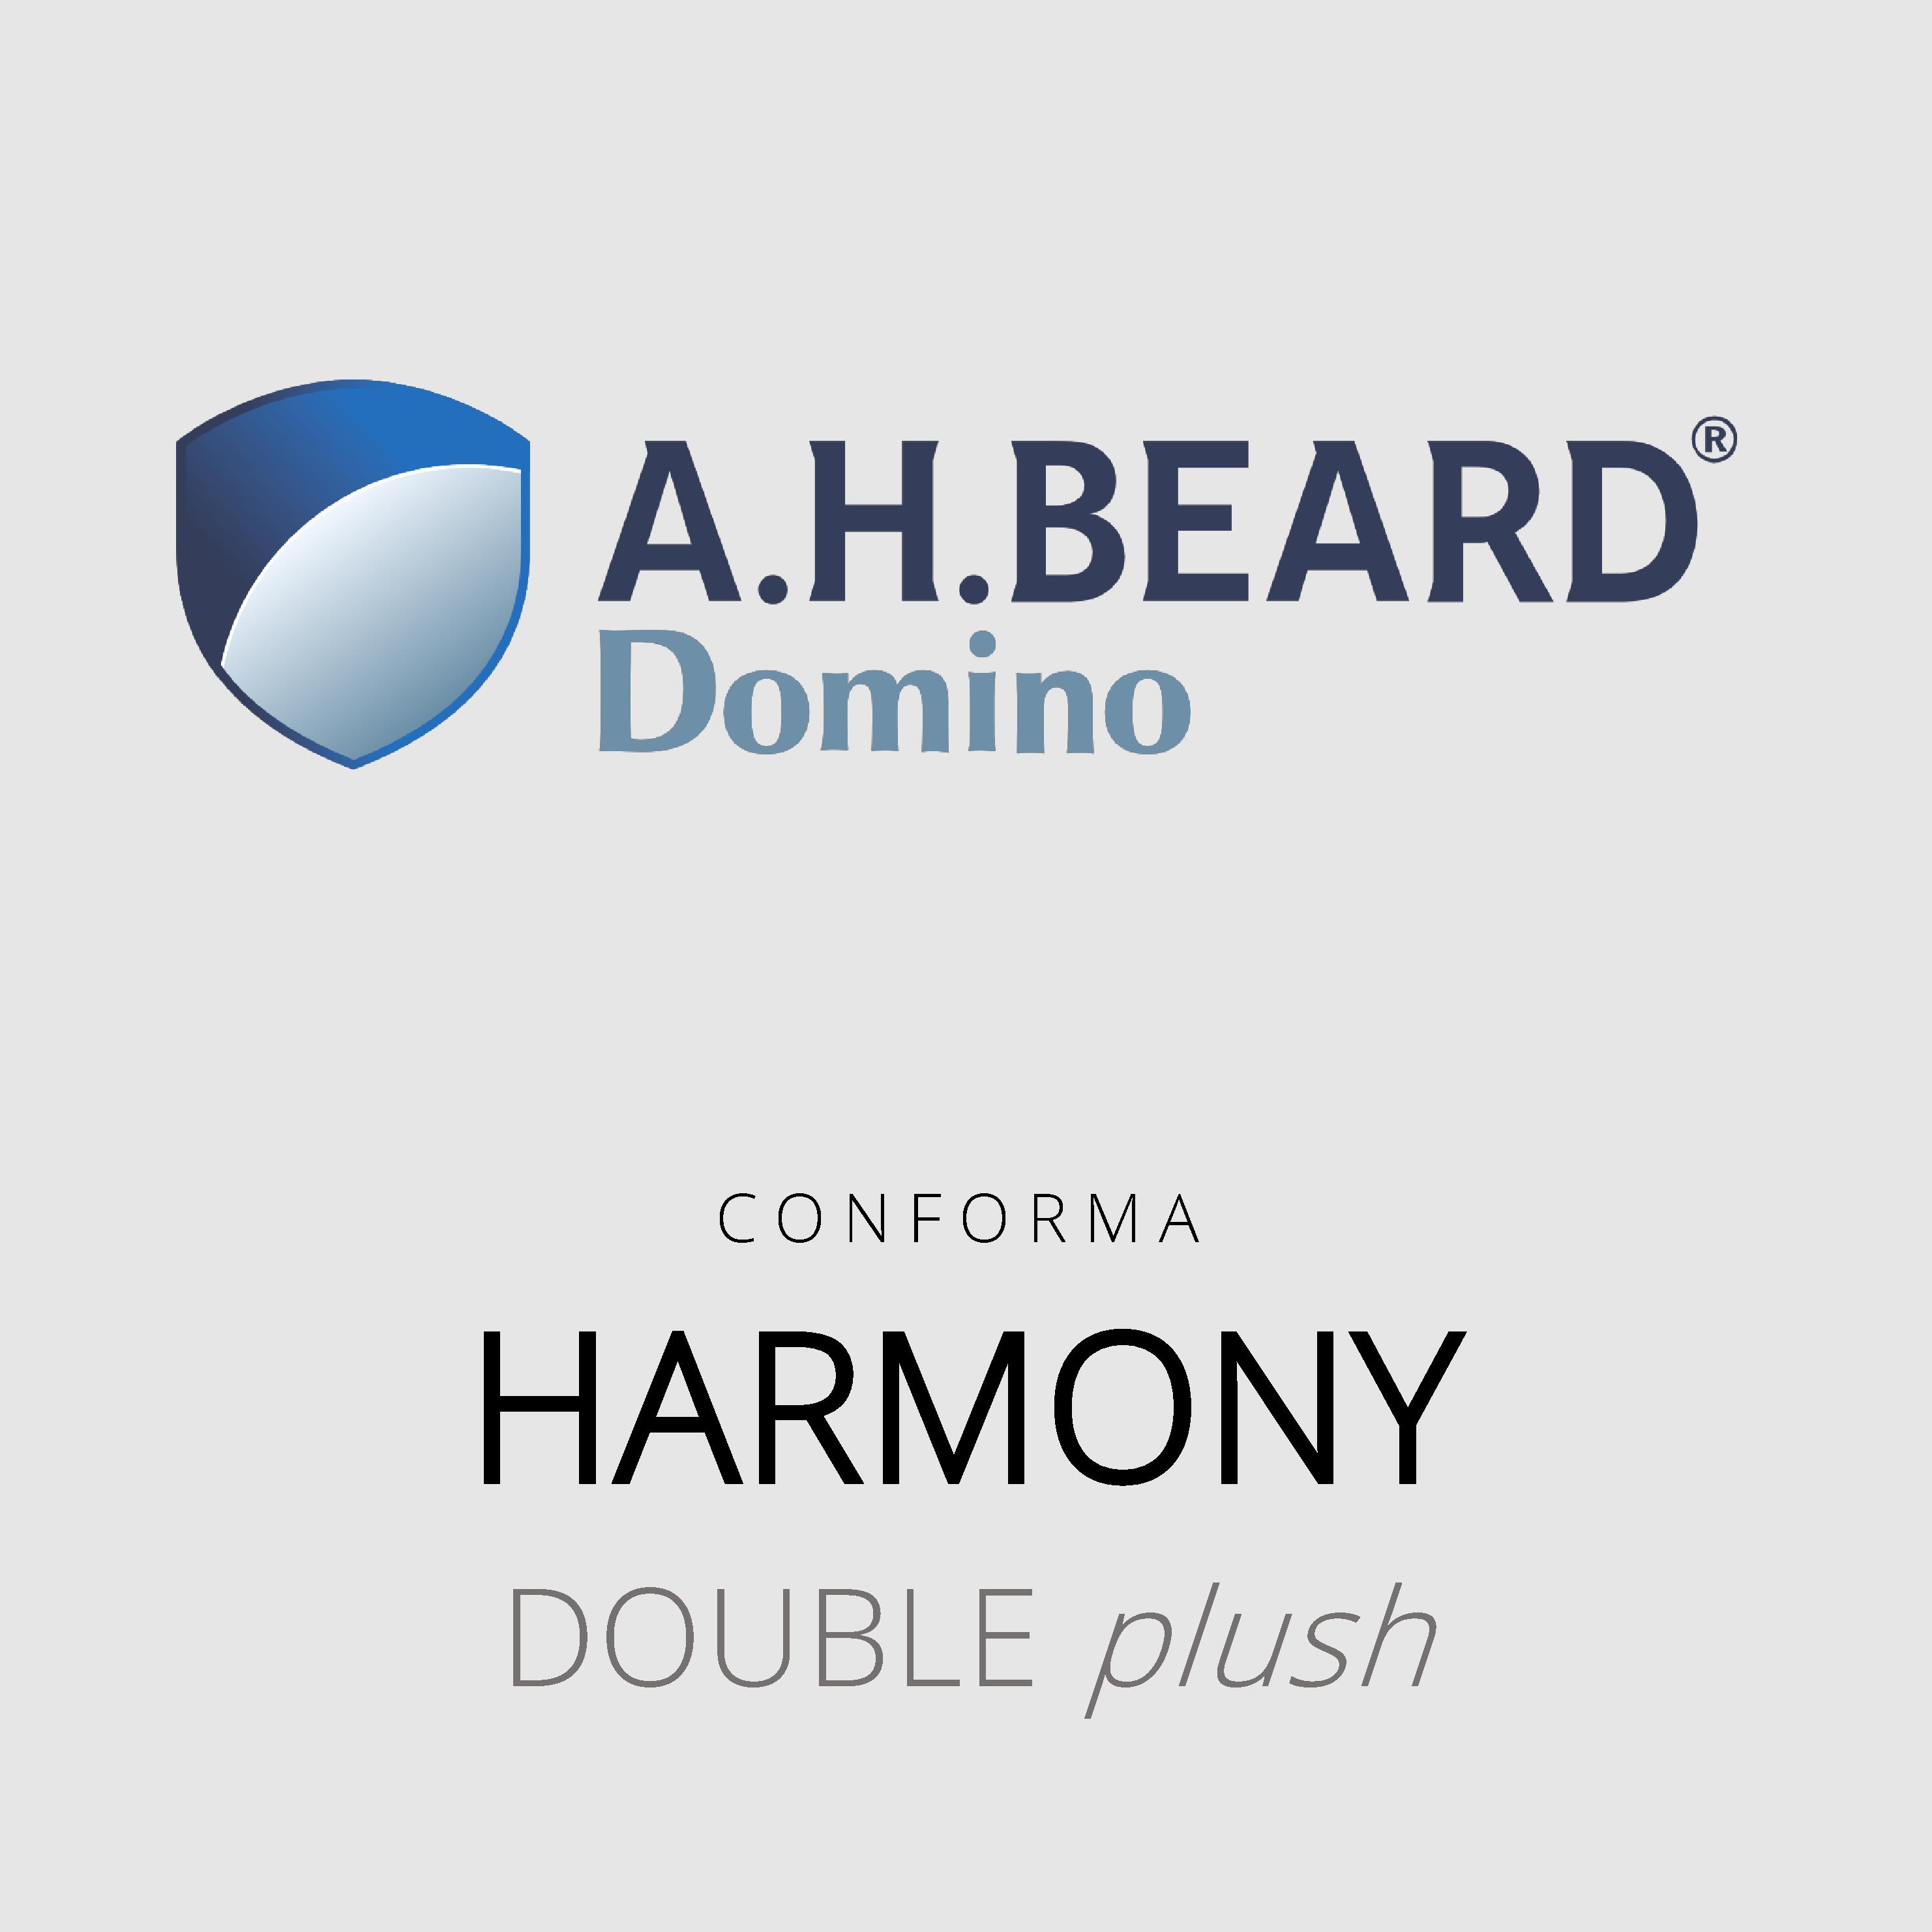 AH Beard Domino – Harmony – Conforma – Double Plush Mattress